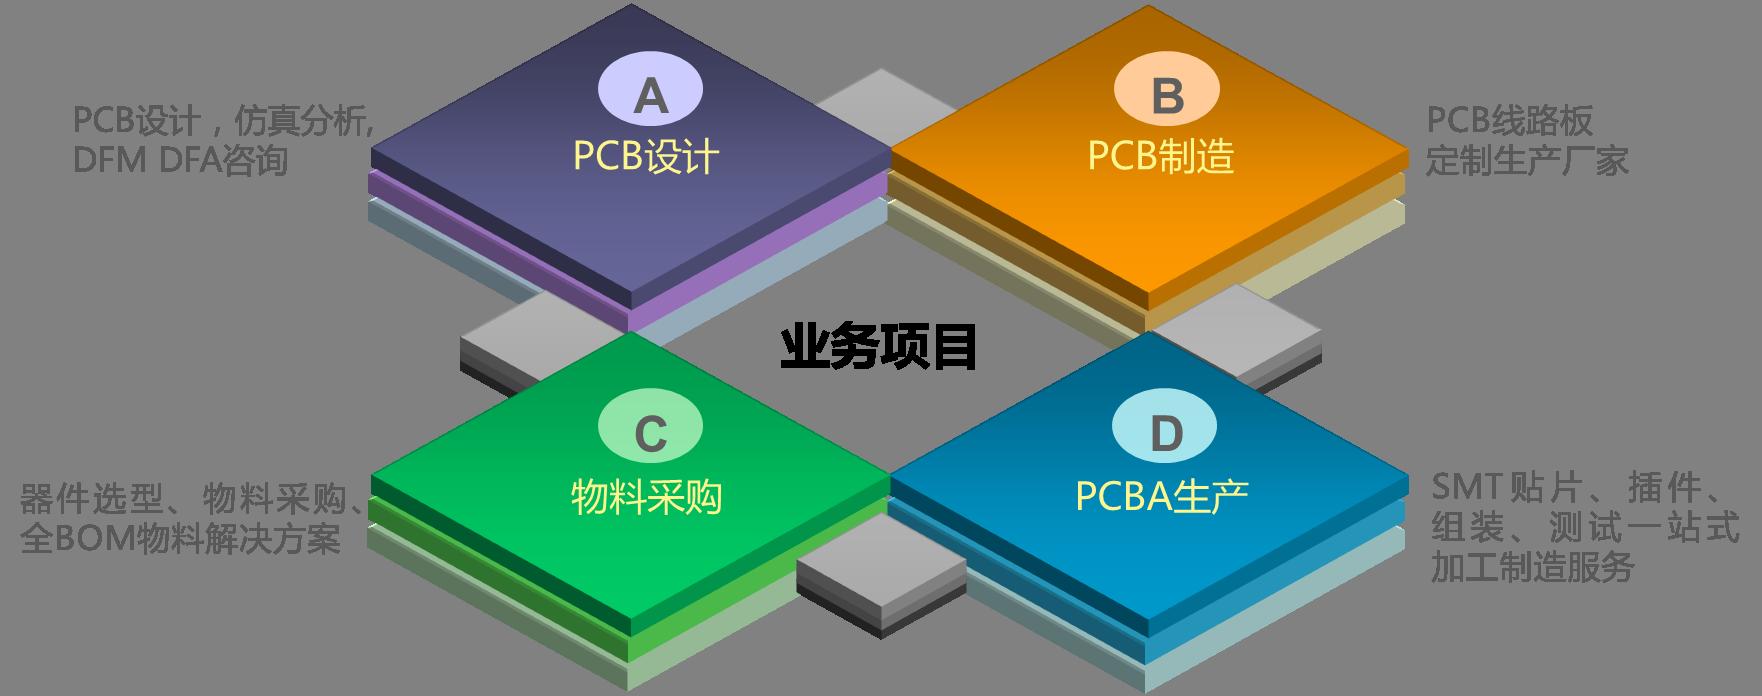 上海巨传电子主营业务